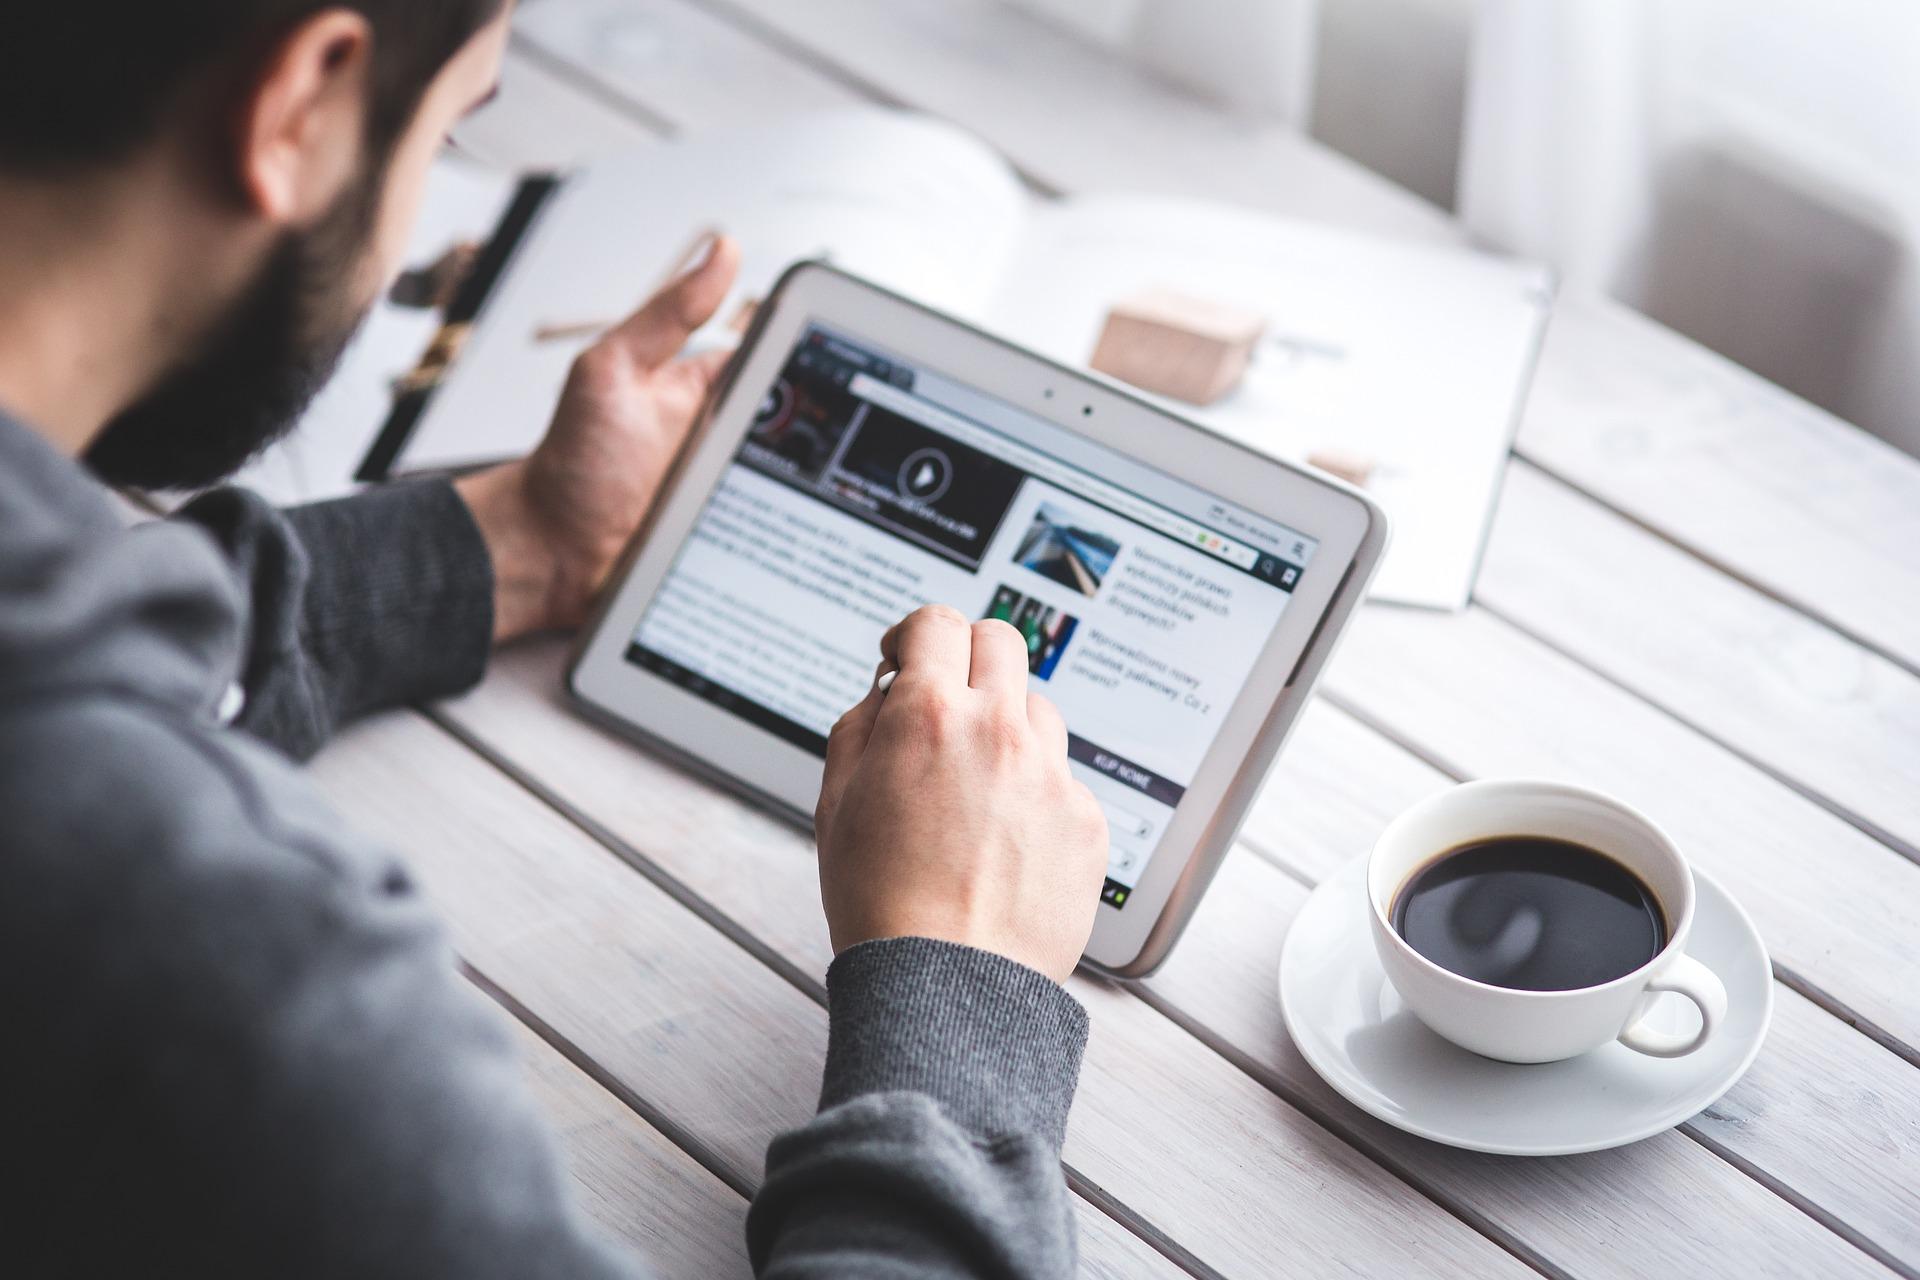 Cerchi un notaio online? Ecco NotaioFacile: ora anche con un blog che ti chiarisce ogni dubbio!